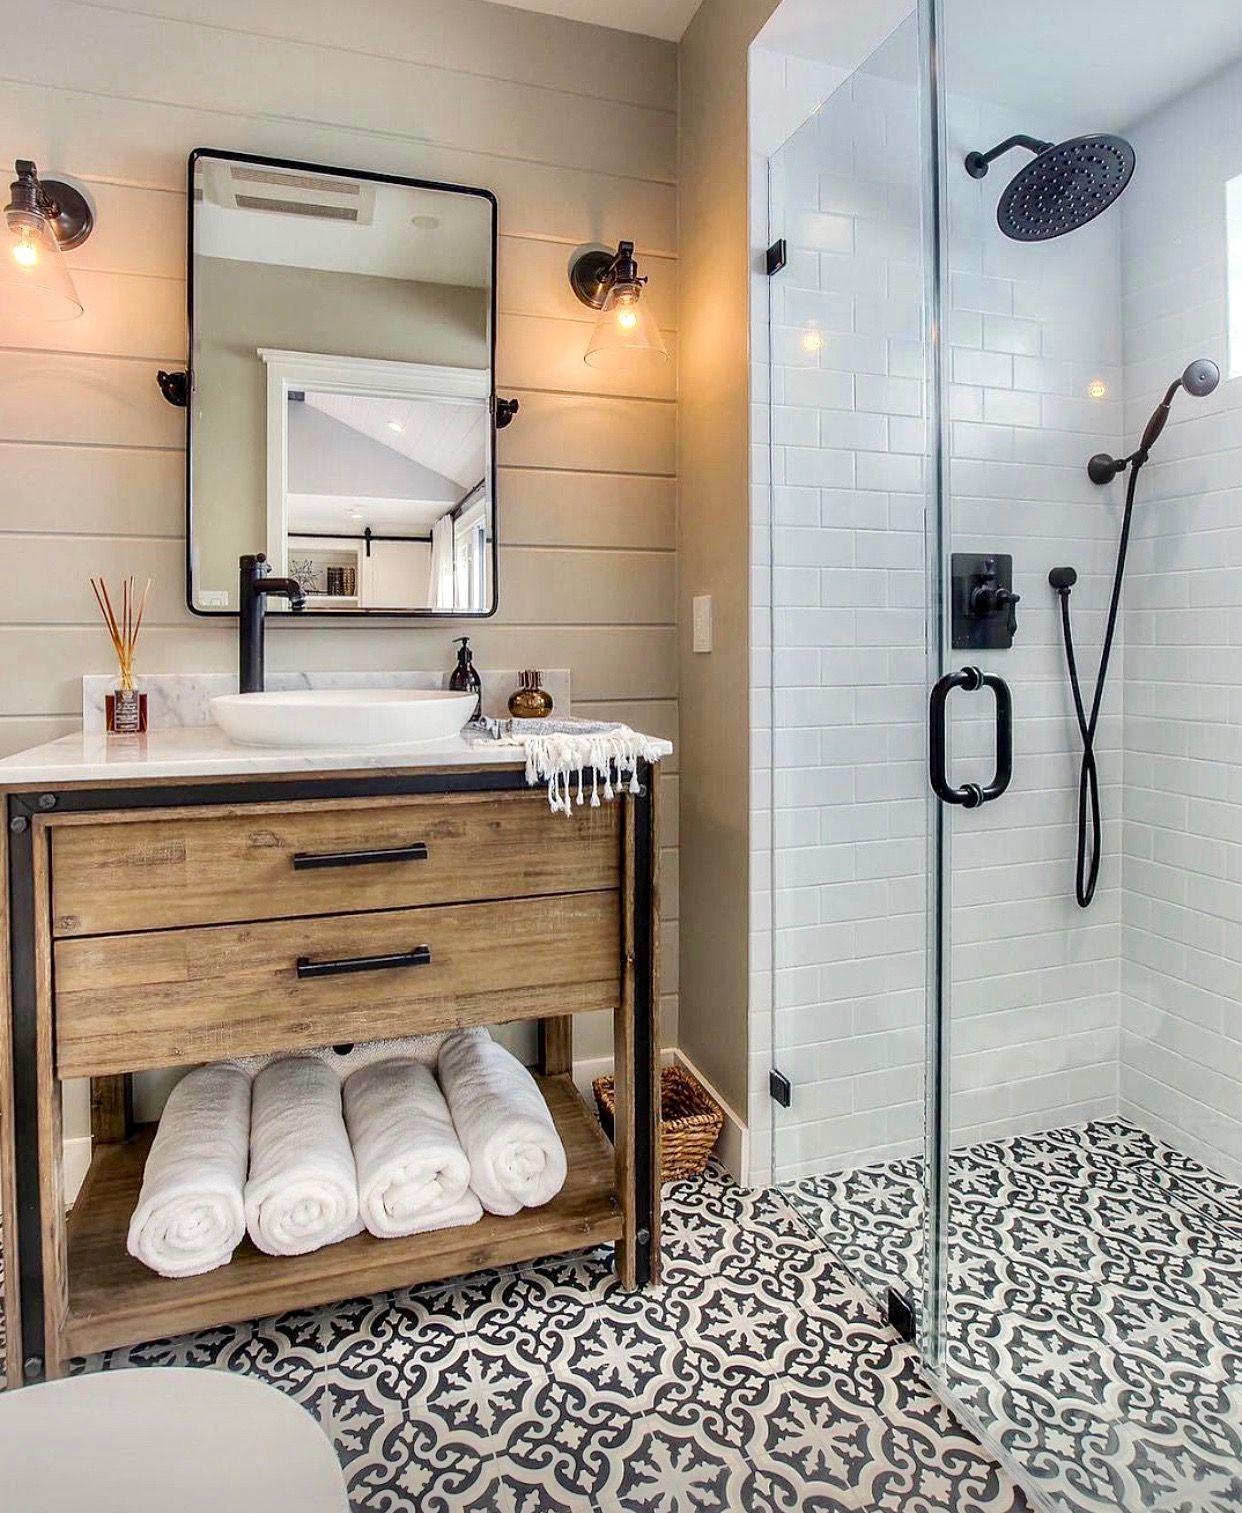 Ciment Tiles Wood Furniture Black Faucet Carreaux De Ciment Meuble